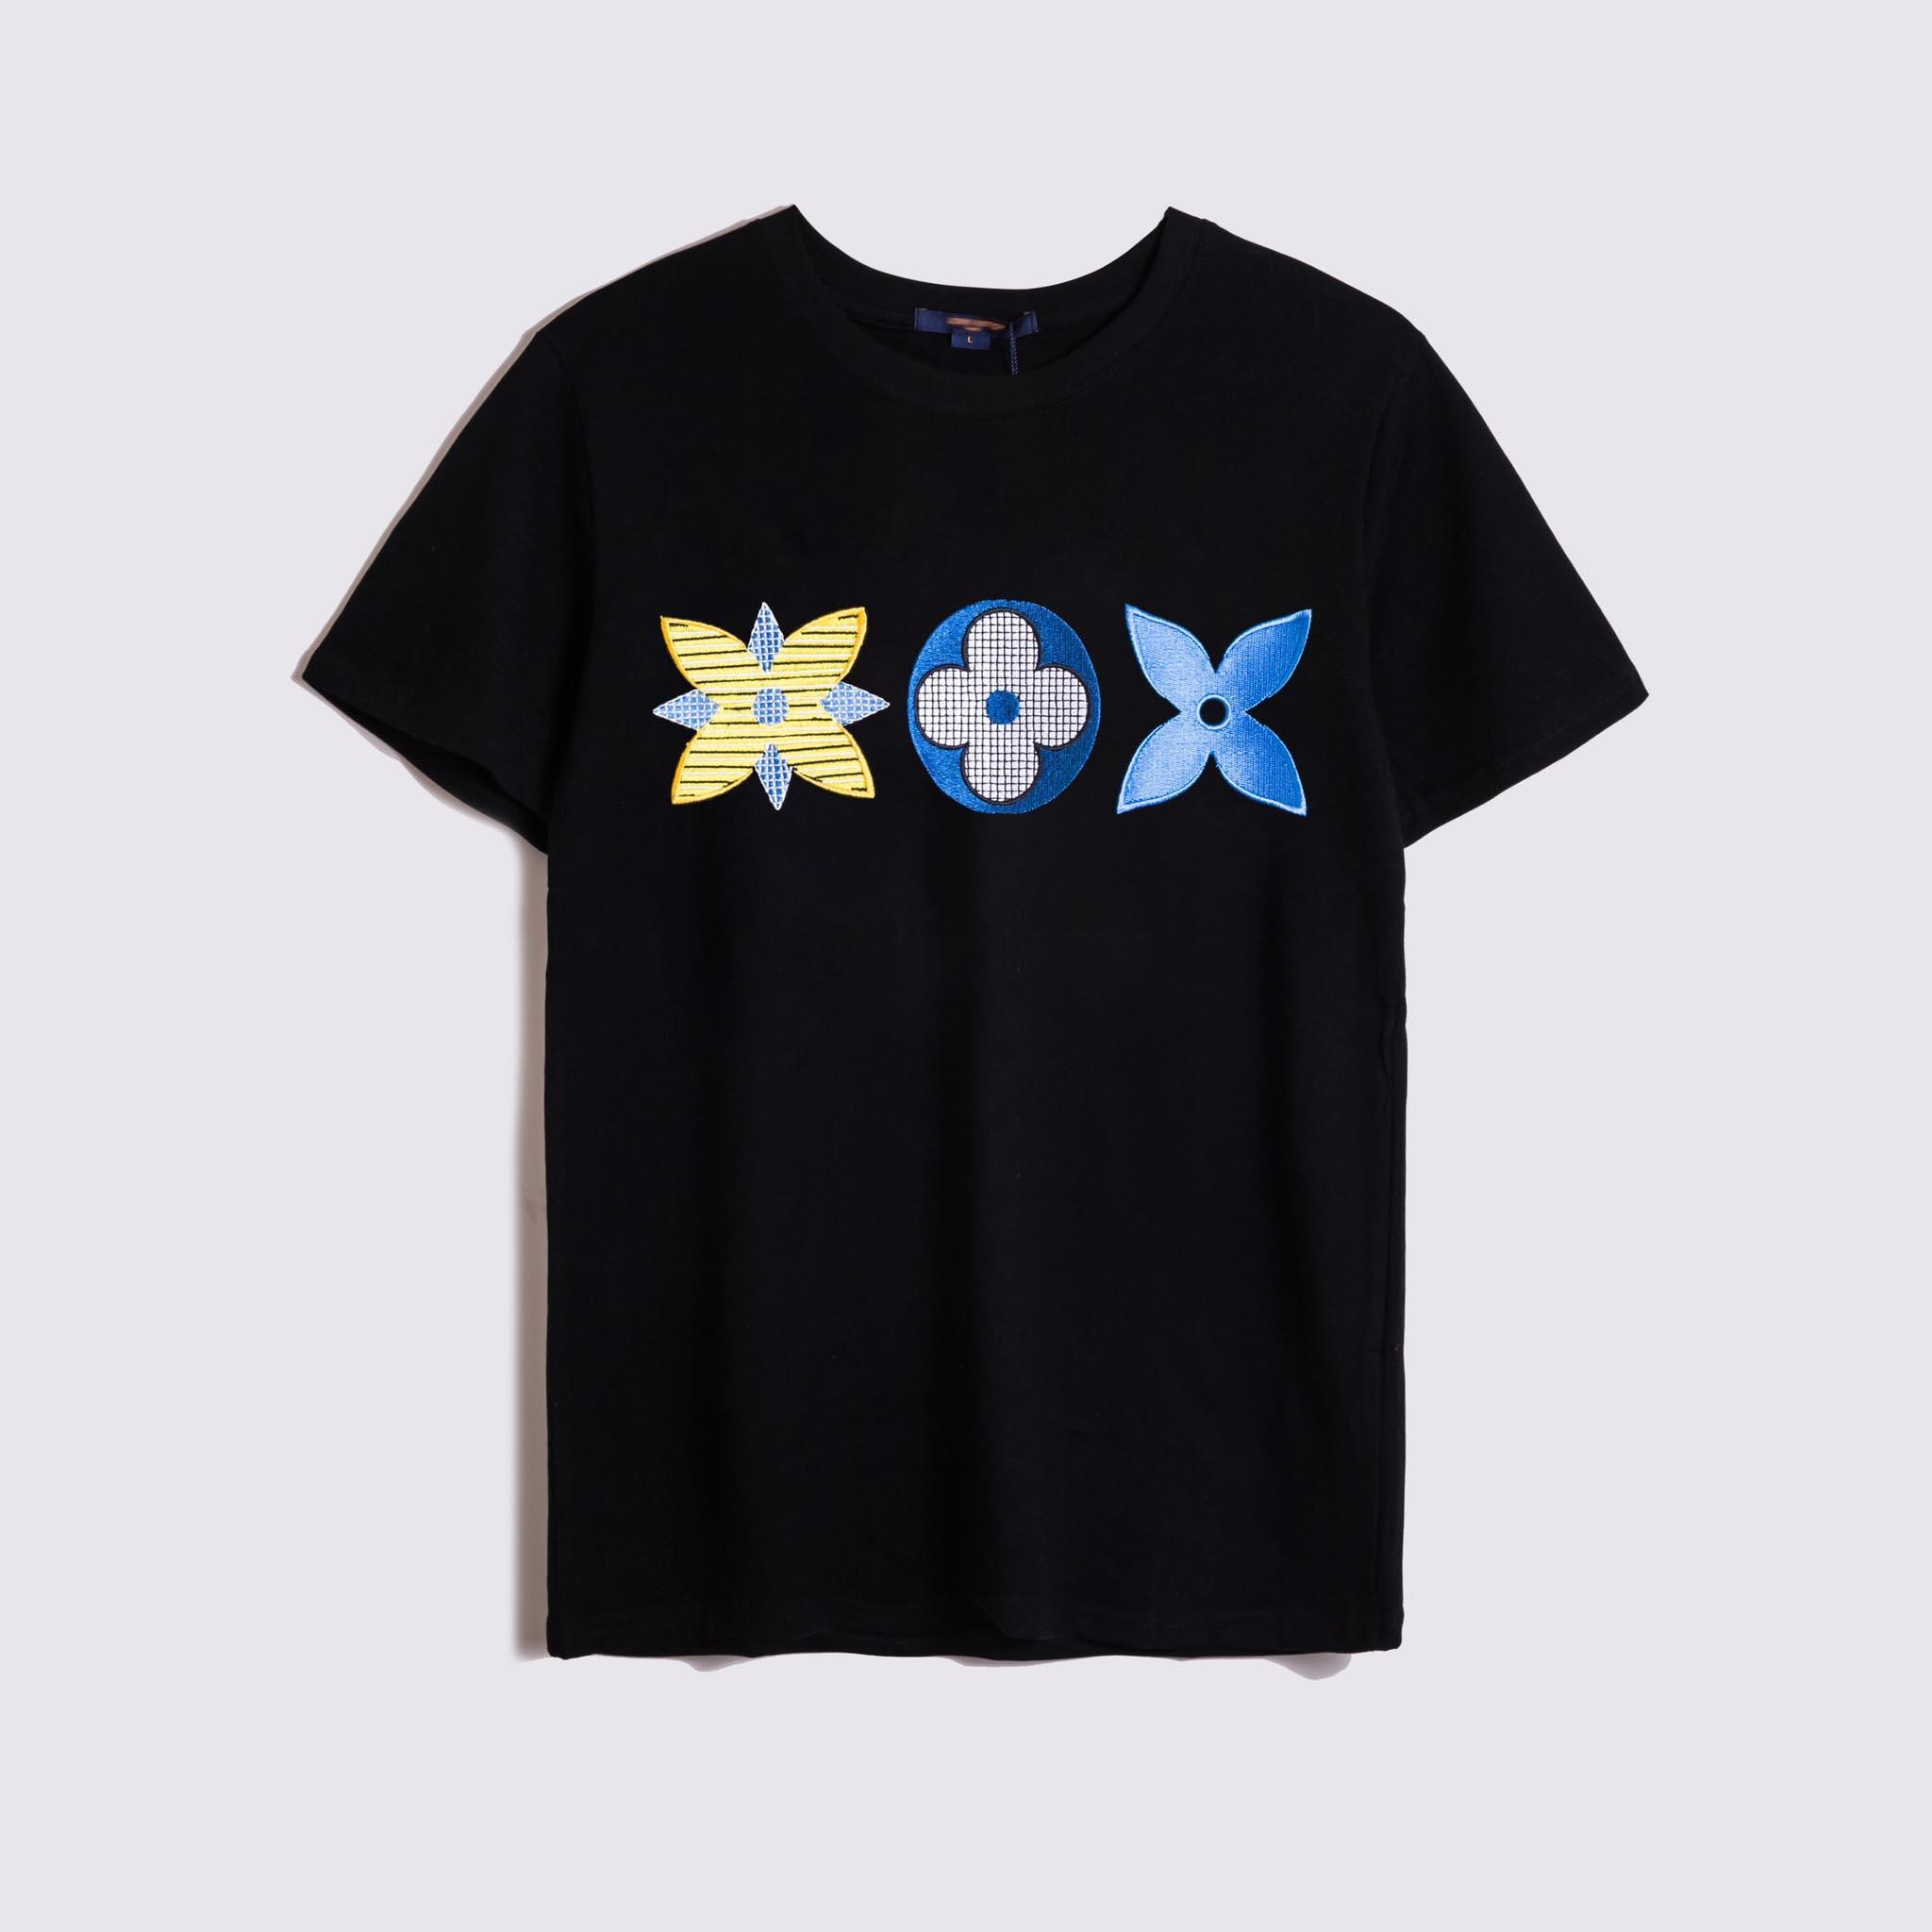 Yeni Barr hiphop erkek tasarımcı tişört moda marka erkek kadın kısa kollu büyük boy tişört tarafından tasarlanan tişört